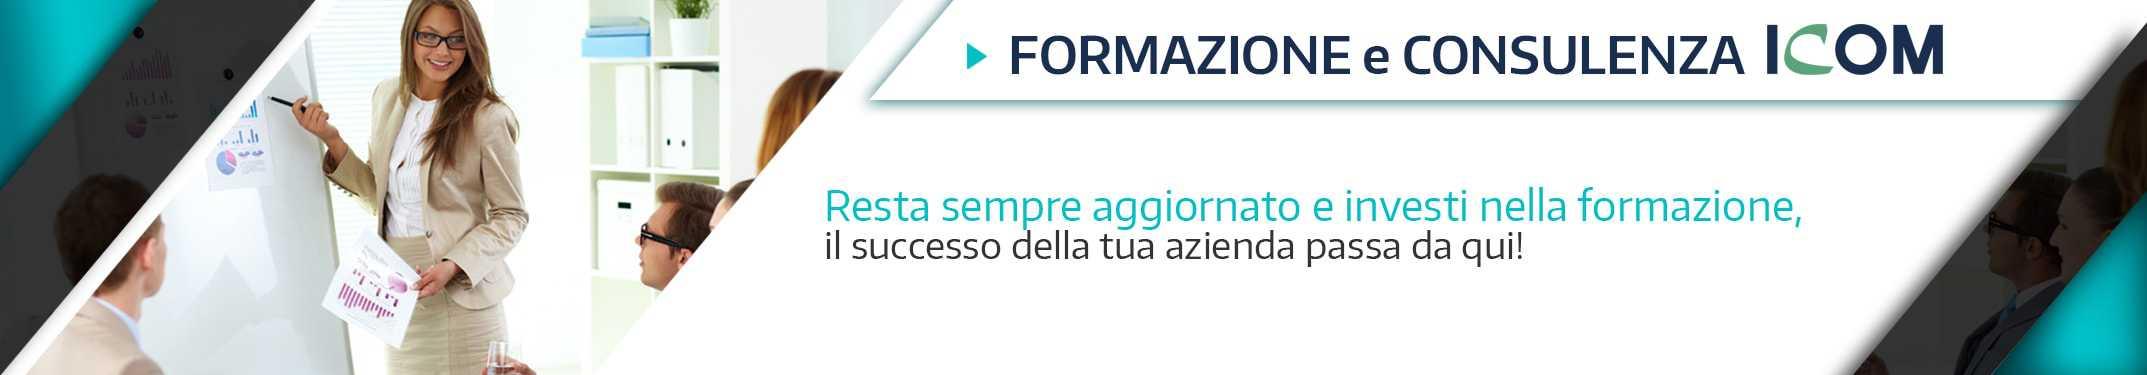 formazione-consulenza-icom-min